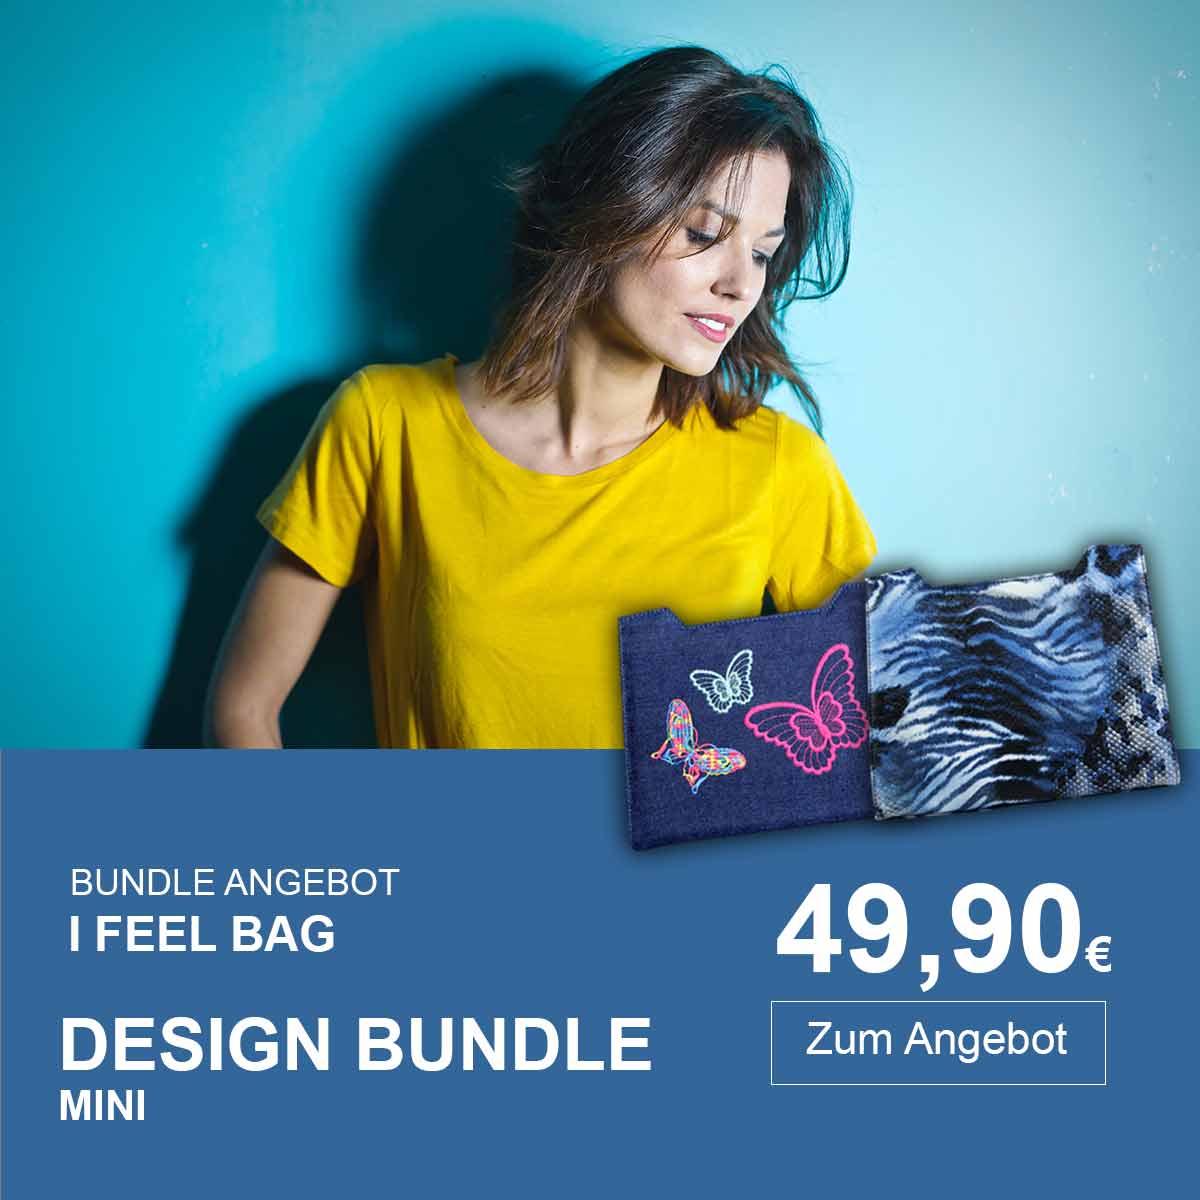 Design Bundle mini Mai